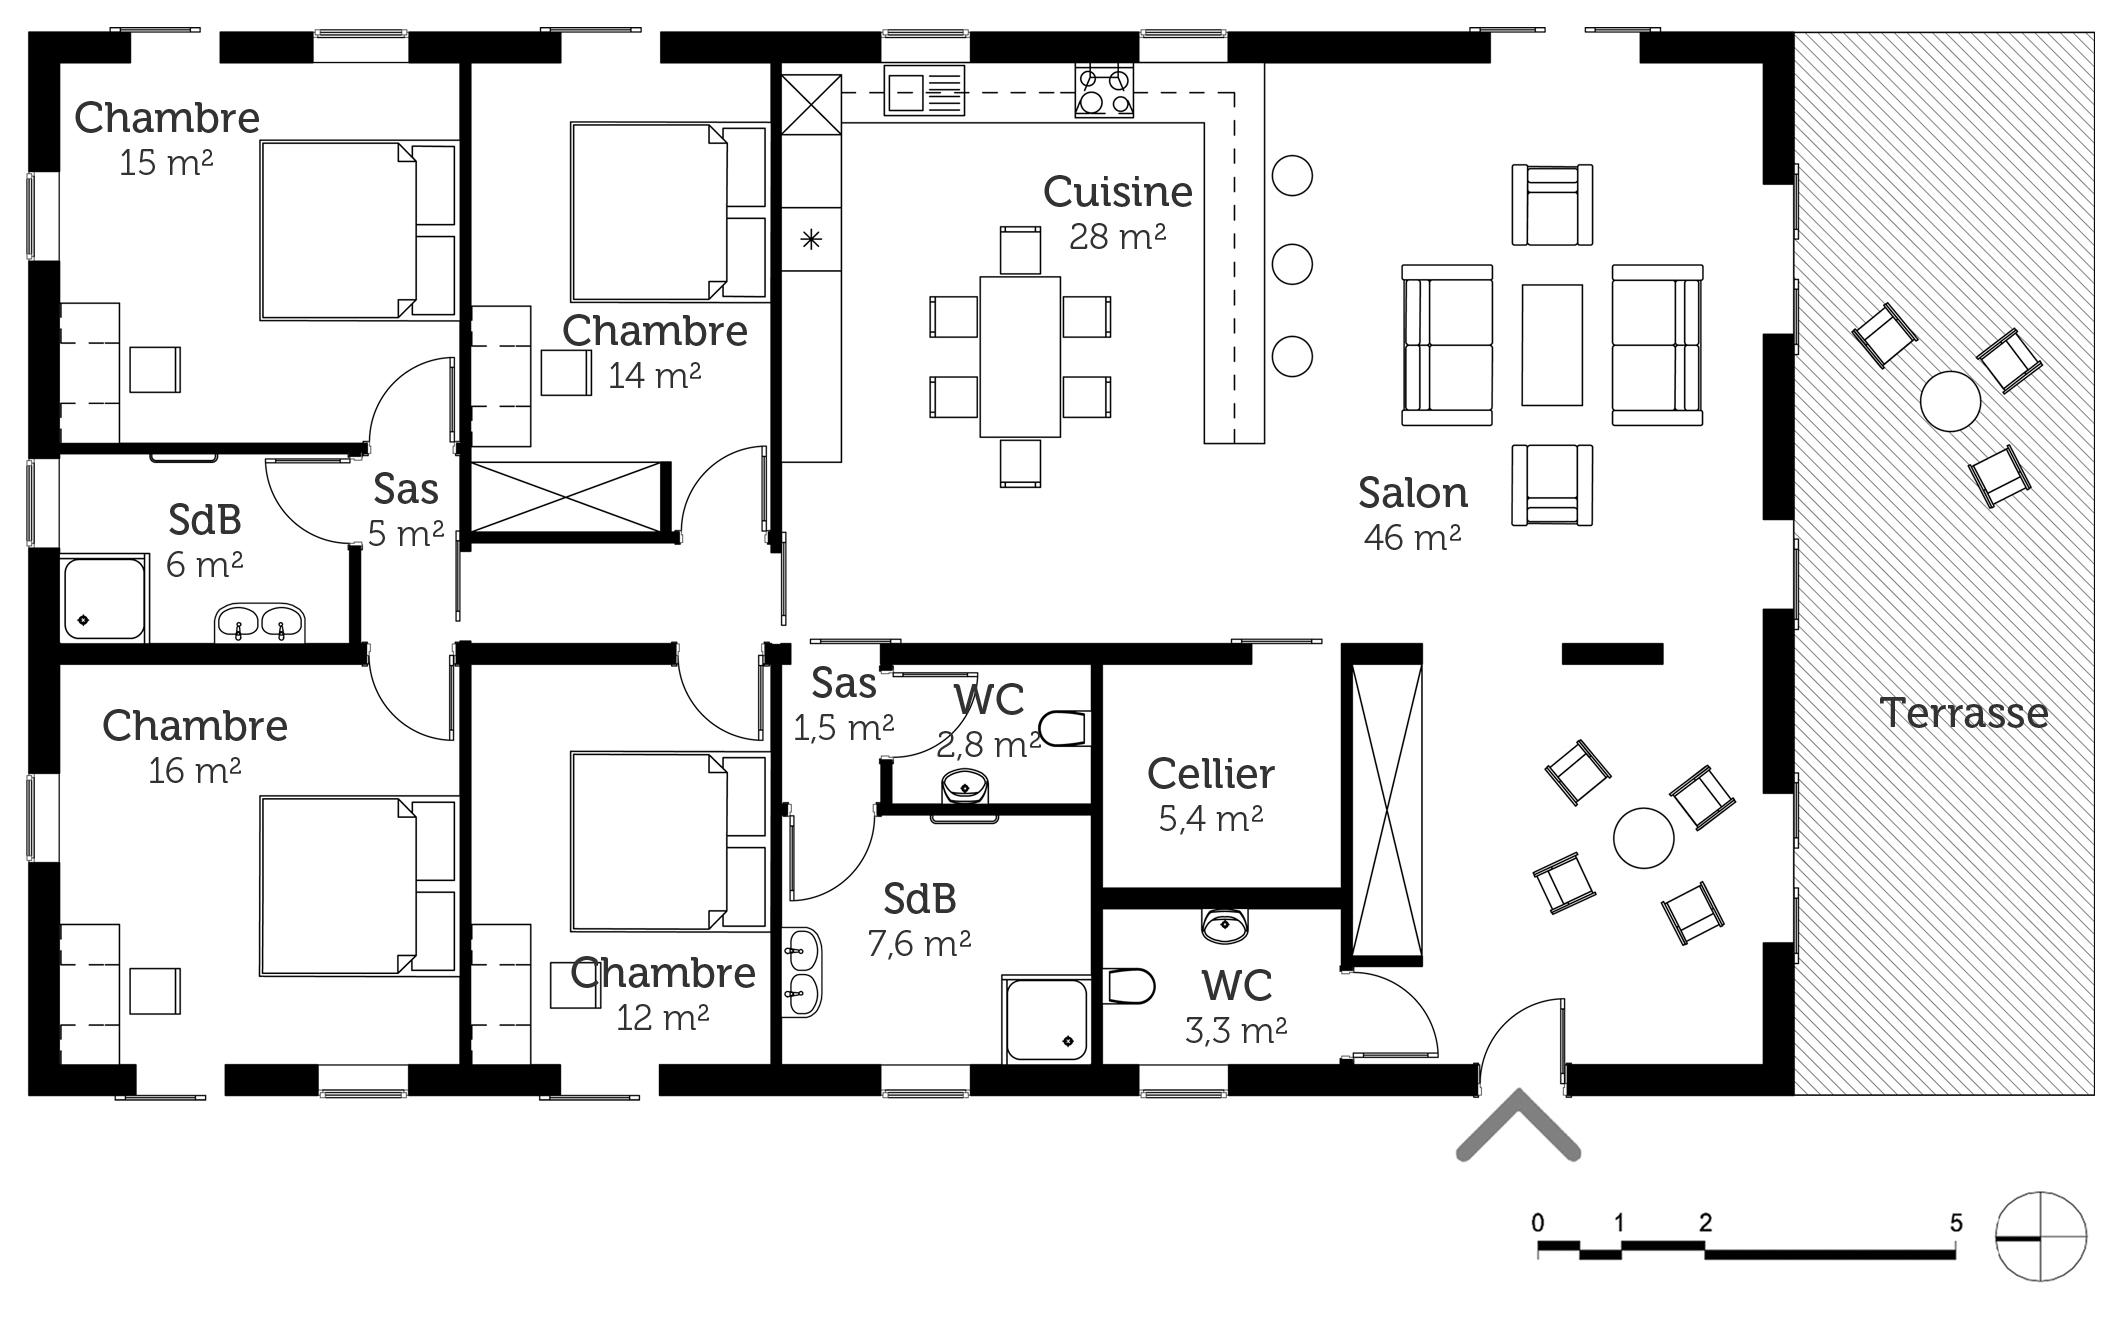 Gentil Constructeur Et Plan De Maison